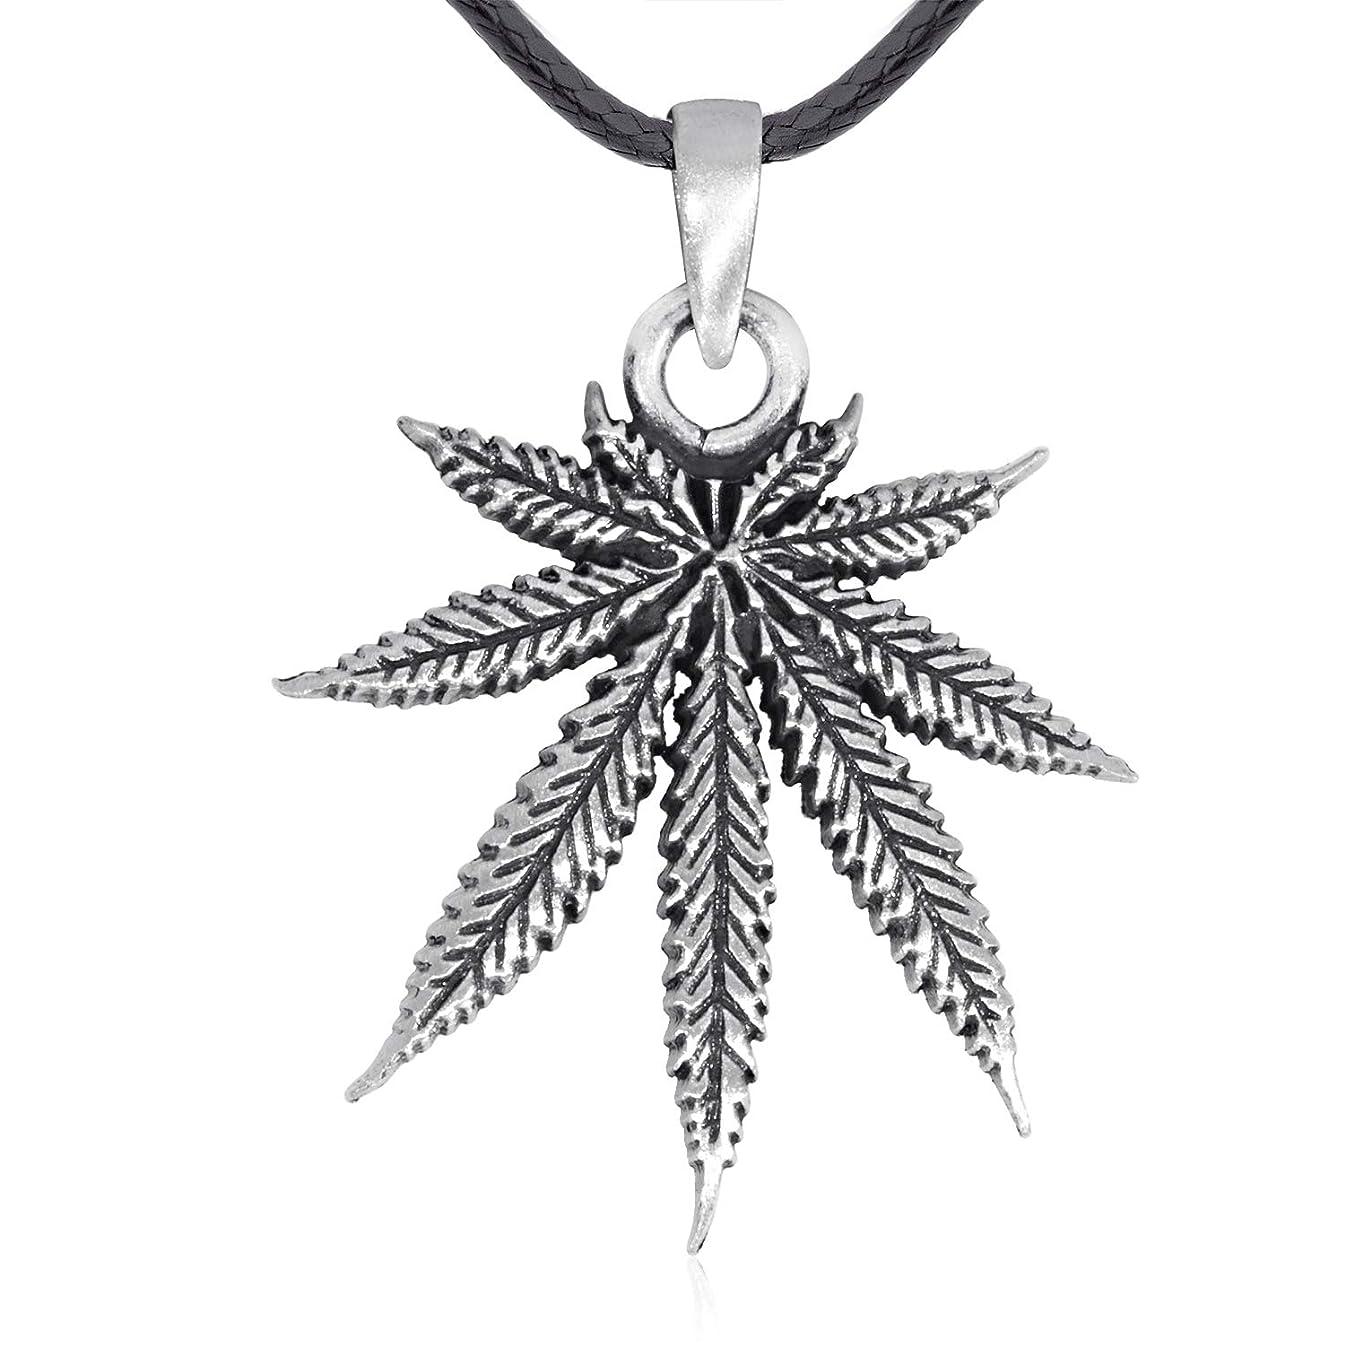 警告するトライアスリート沿ってNamaste Jewelers マリファナ大麻葉ペンダントネックレス ピュータージュエリー